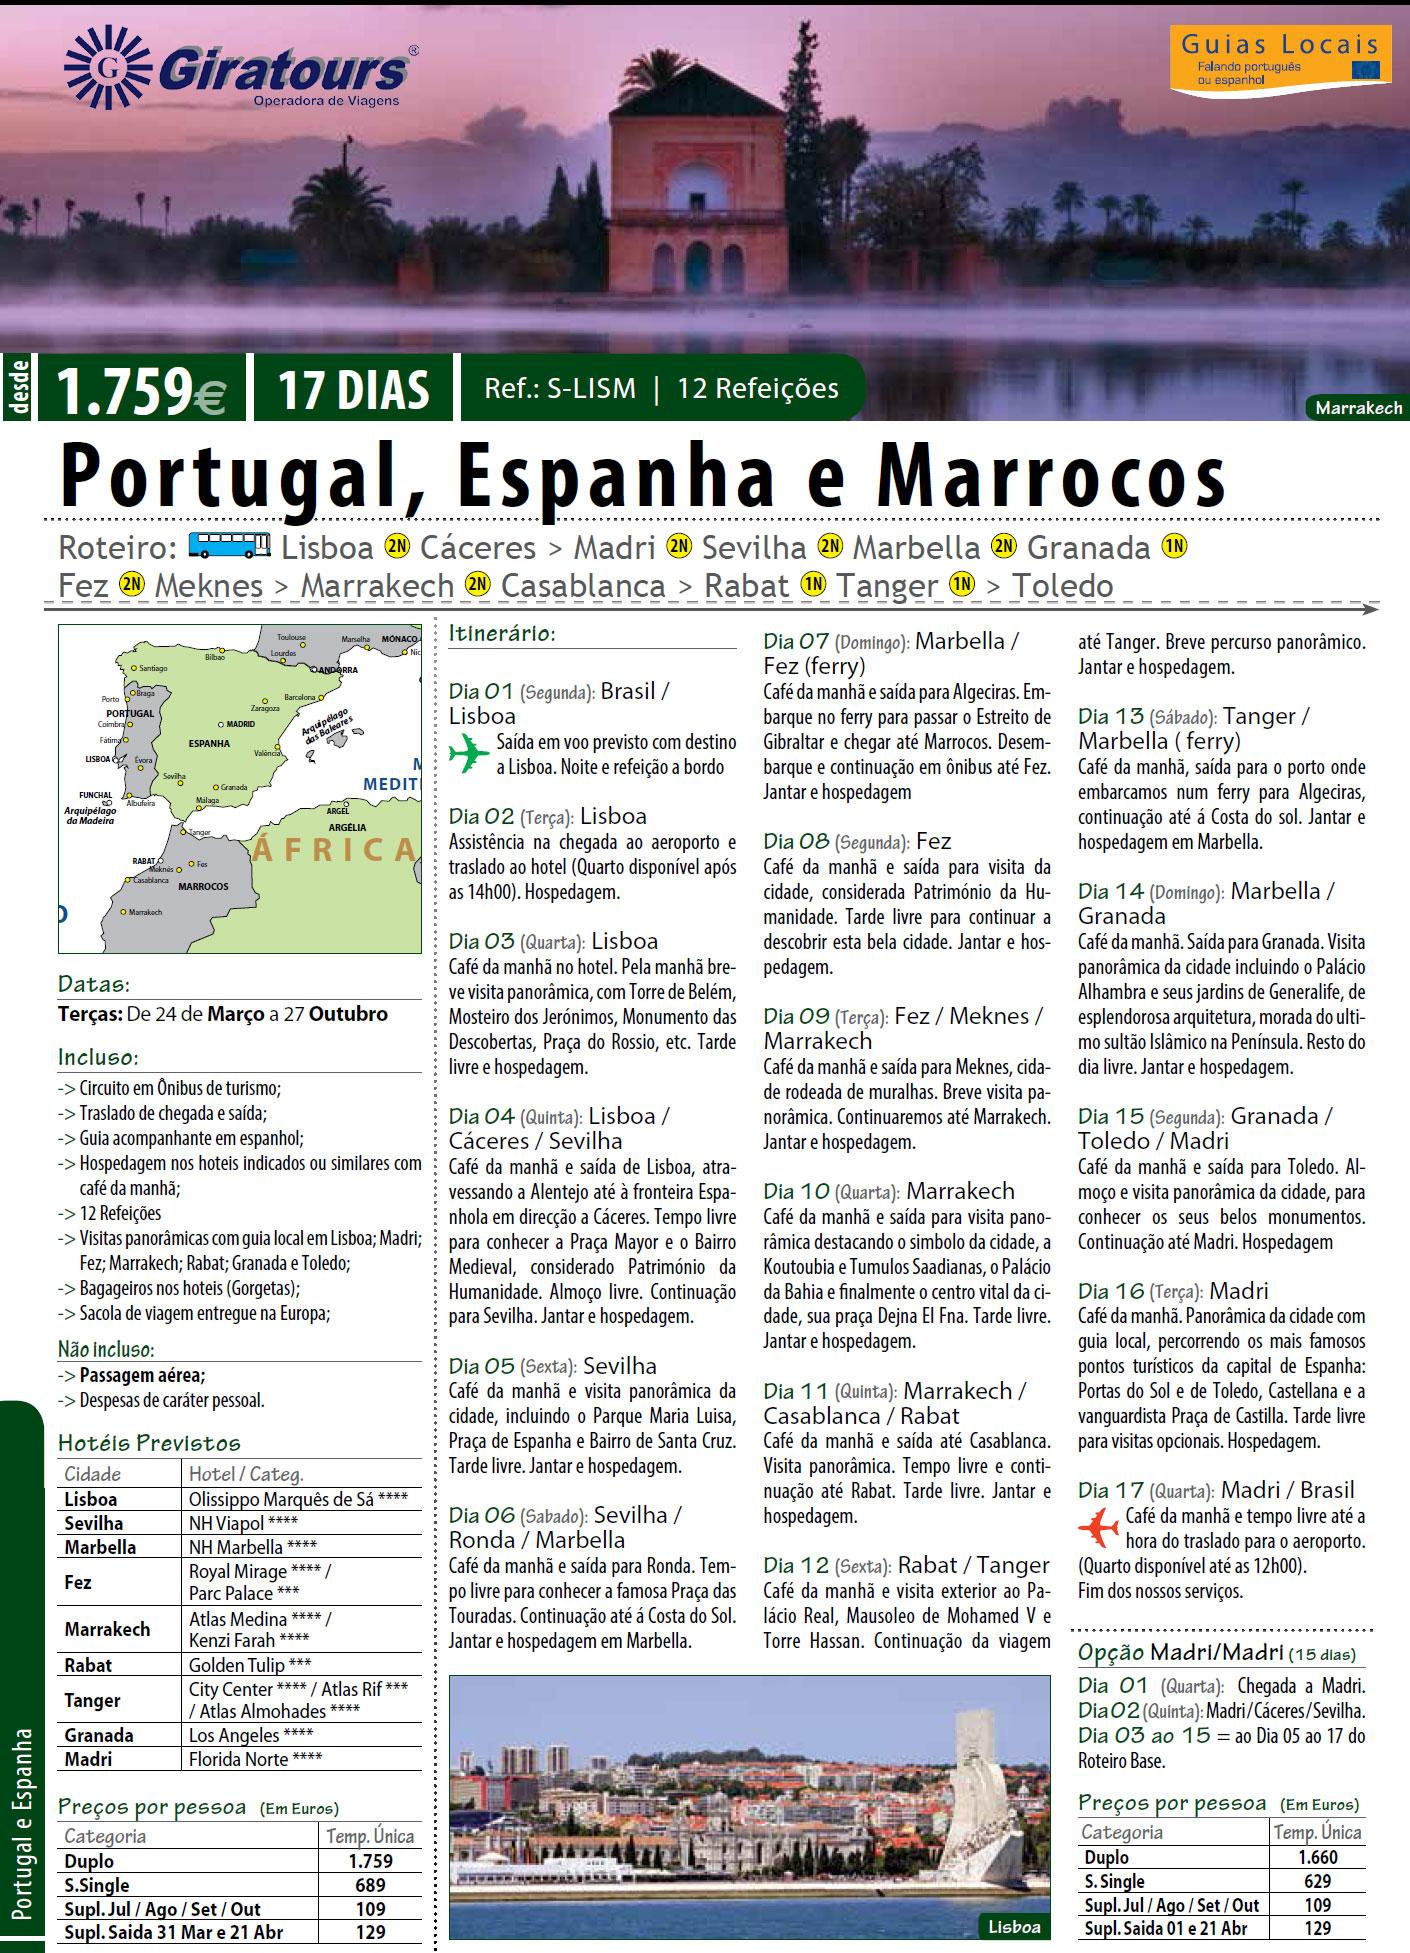 port-esp-e-marrocos